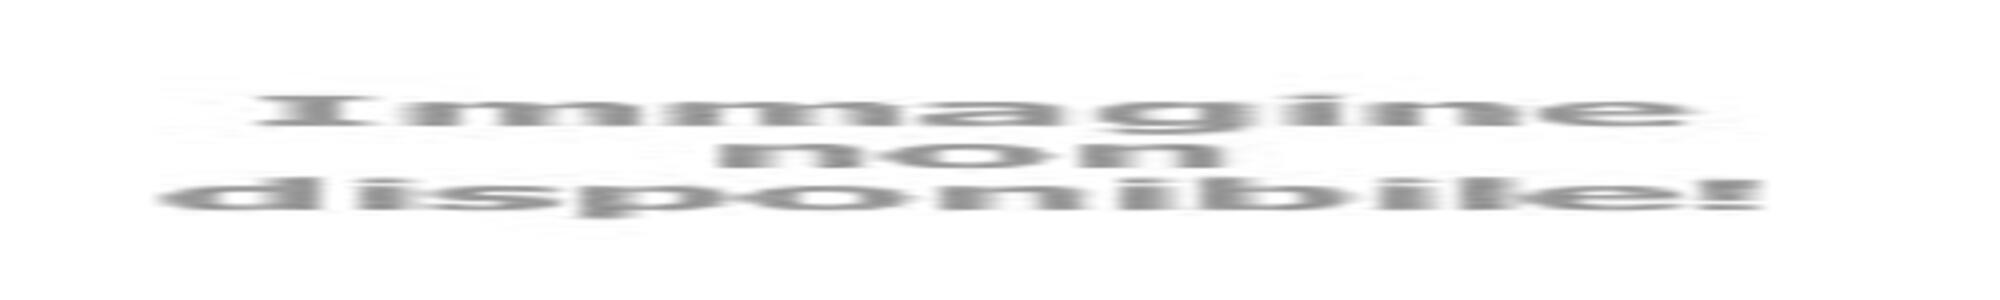 Speciale luglio short break in hotel con piscina a Riva del Garda